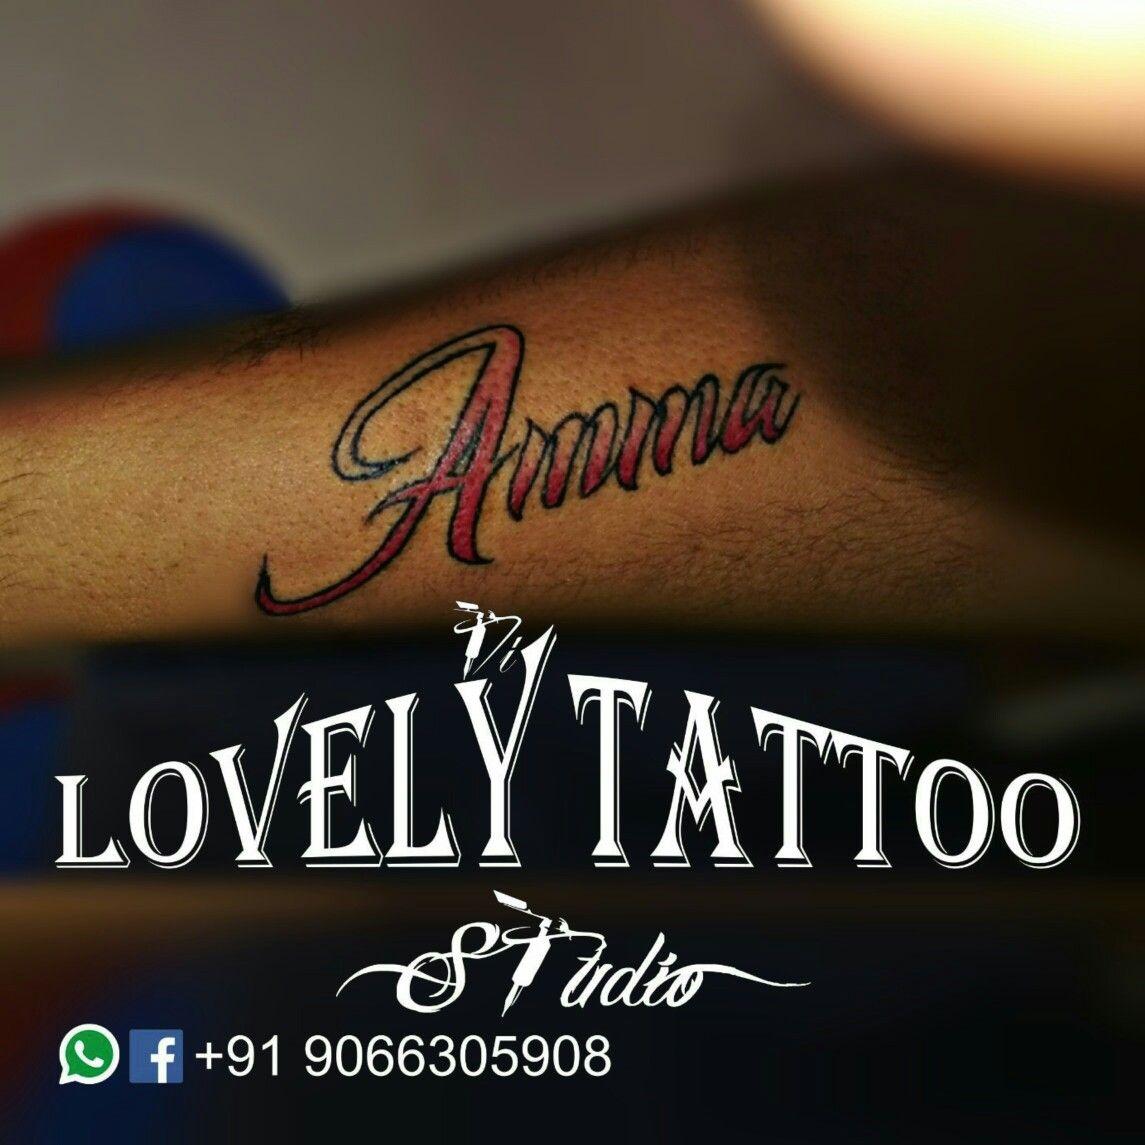 Amma Tattoo Lovely Tattoo Tattoos Tattoo Quotes Fish Tattoos